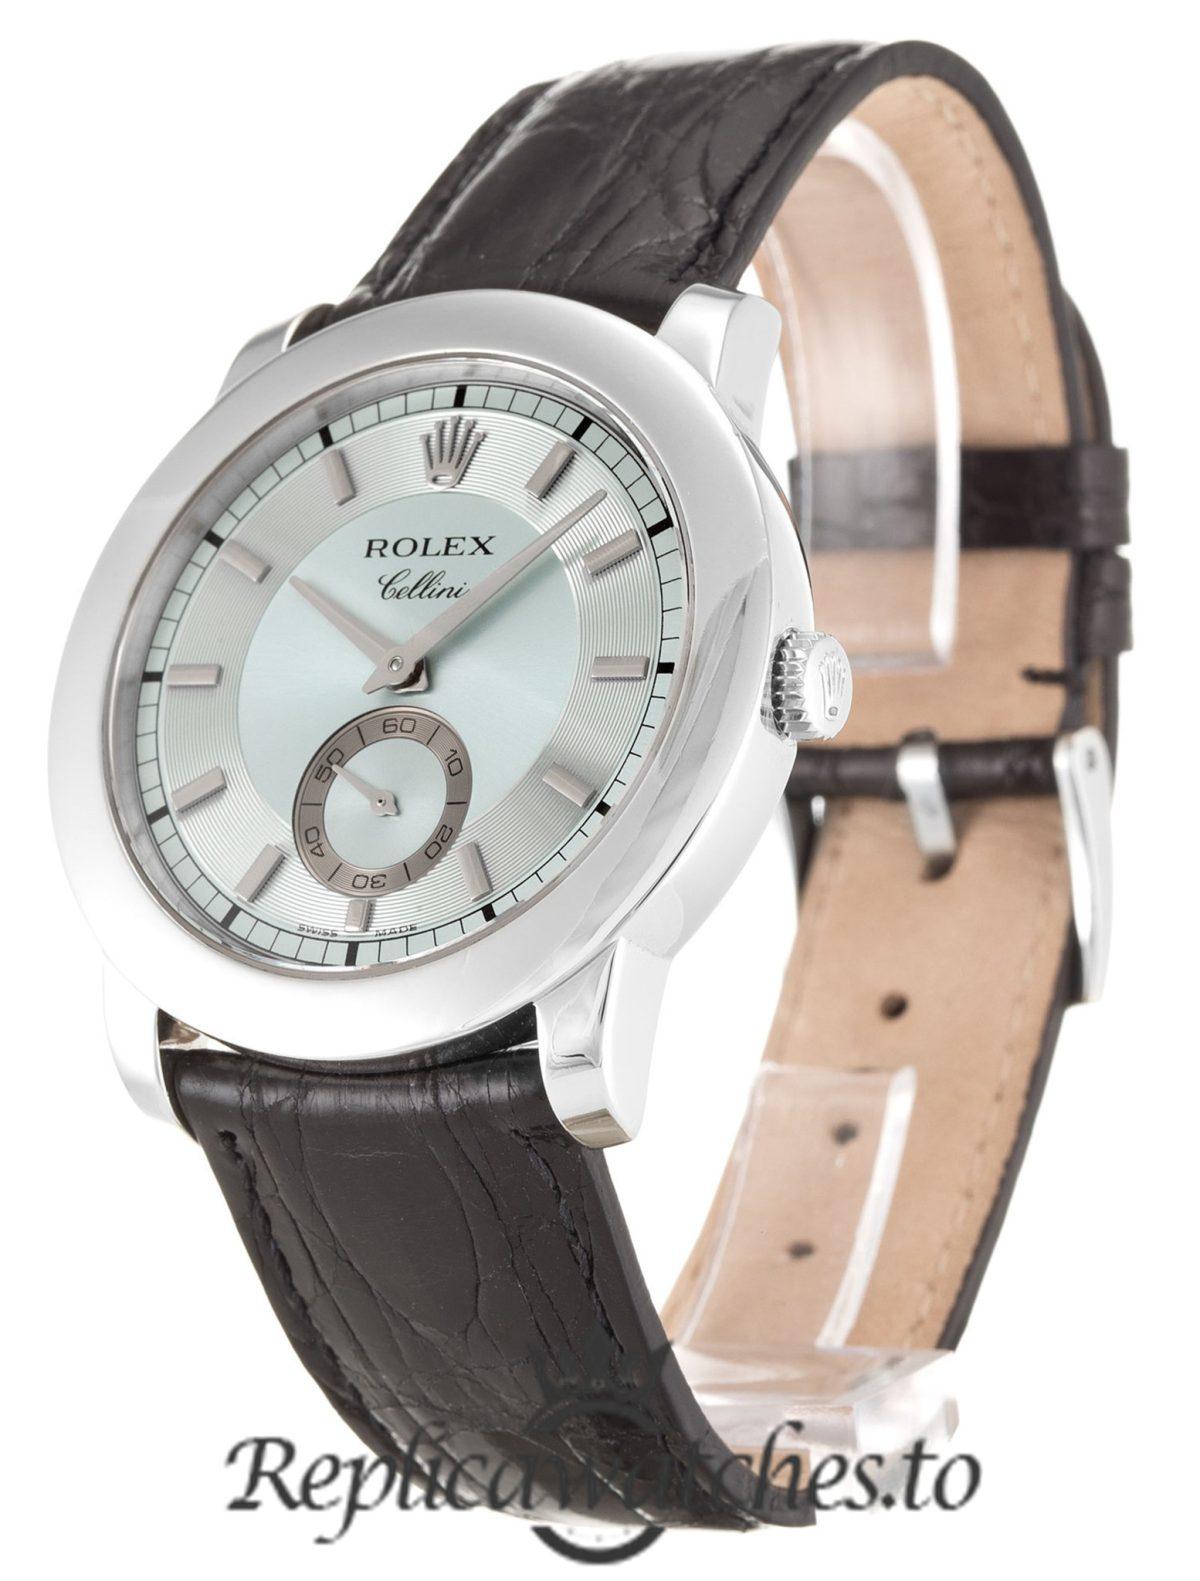 Rolex Cellini Replica 5241/6 001 Brown Strap 40MM